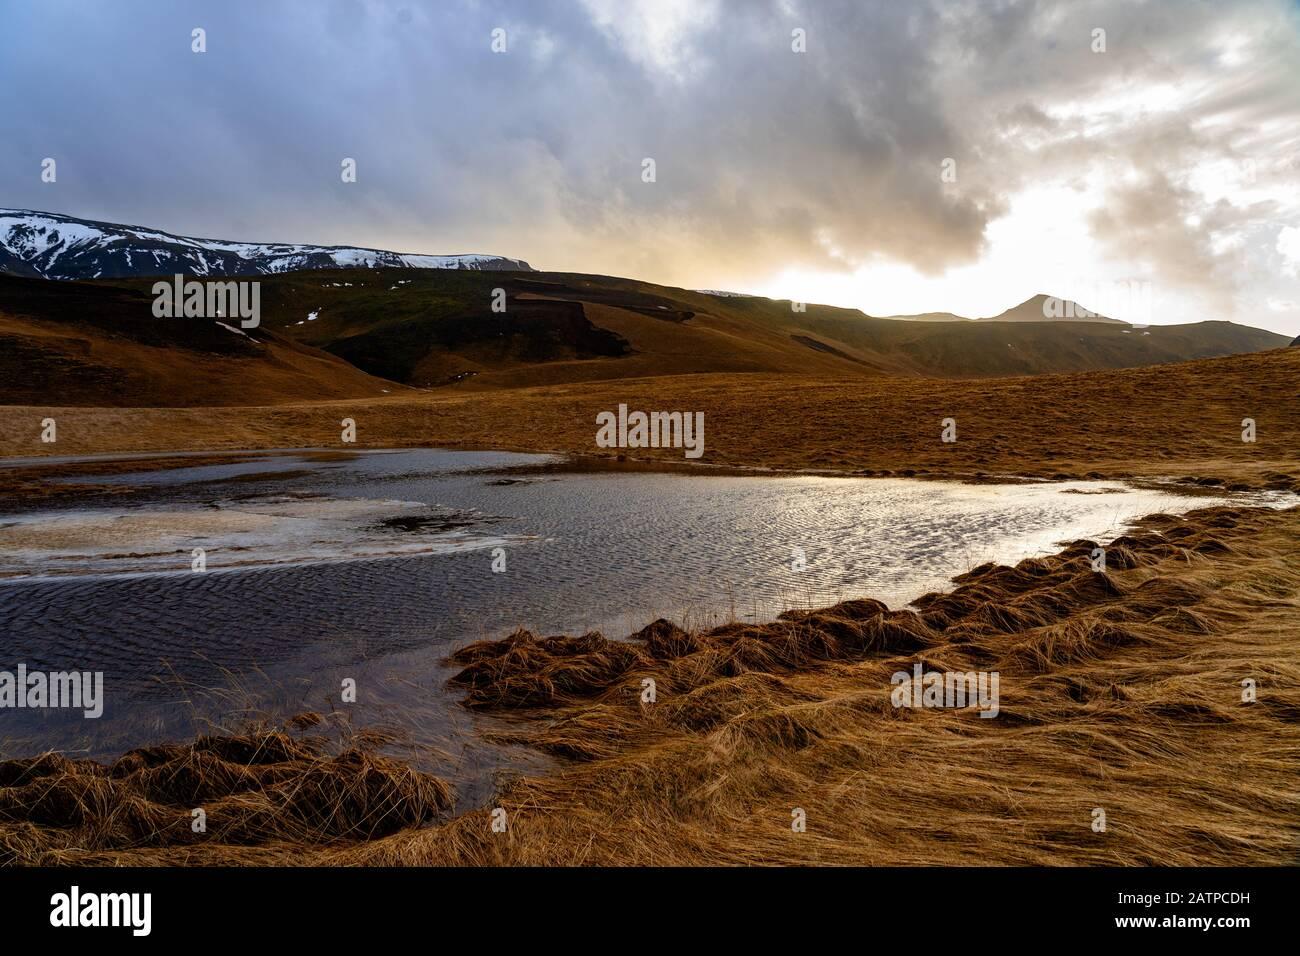 Otoño invierno paisaje en Islandia con lago y montañas Foto de stock